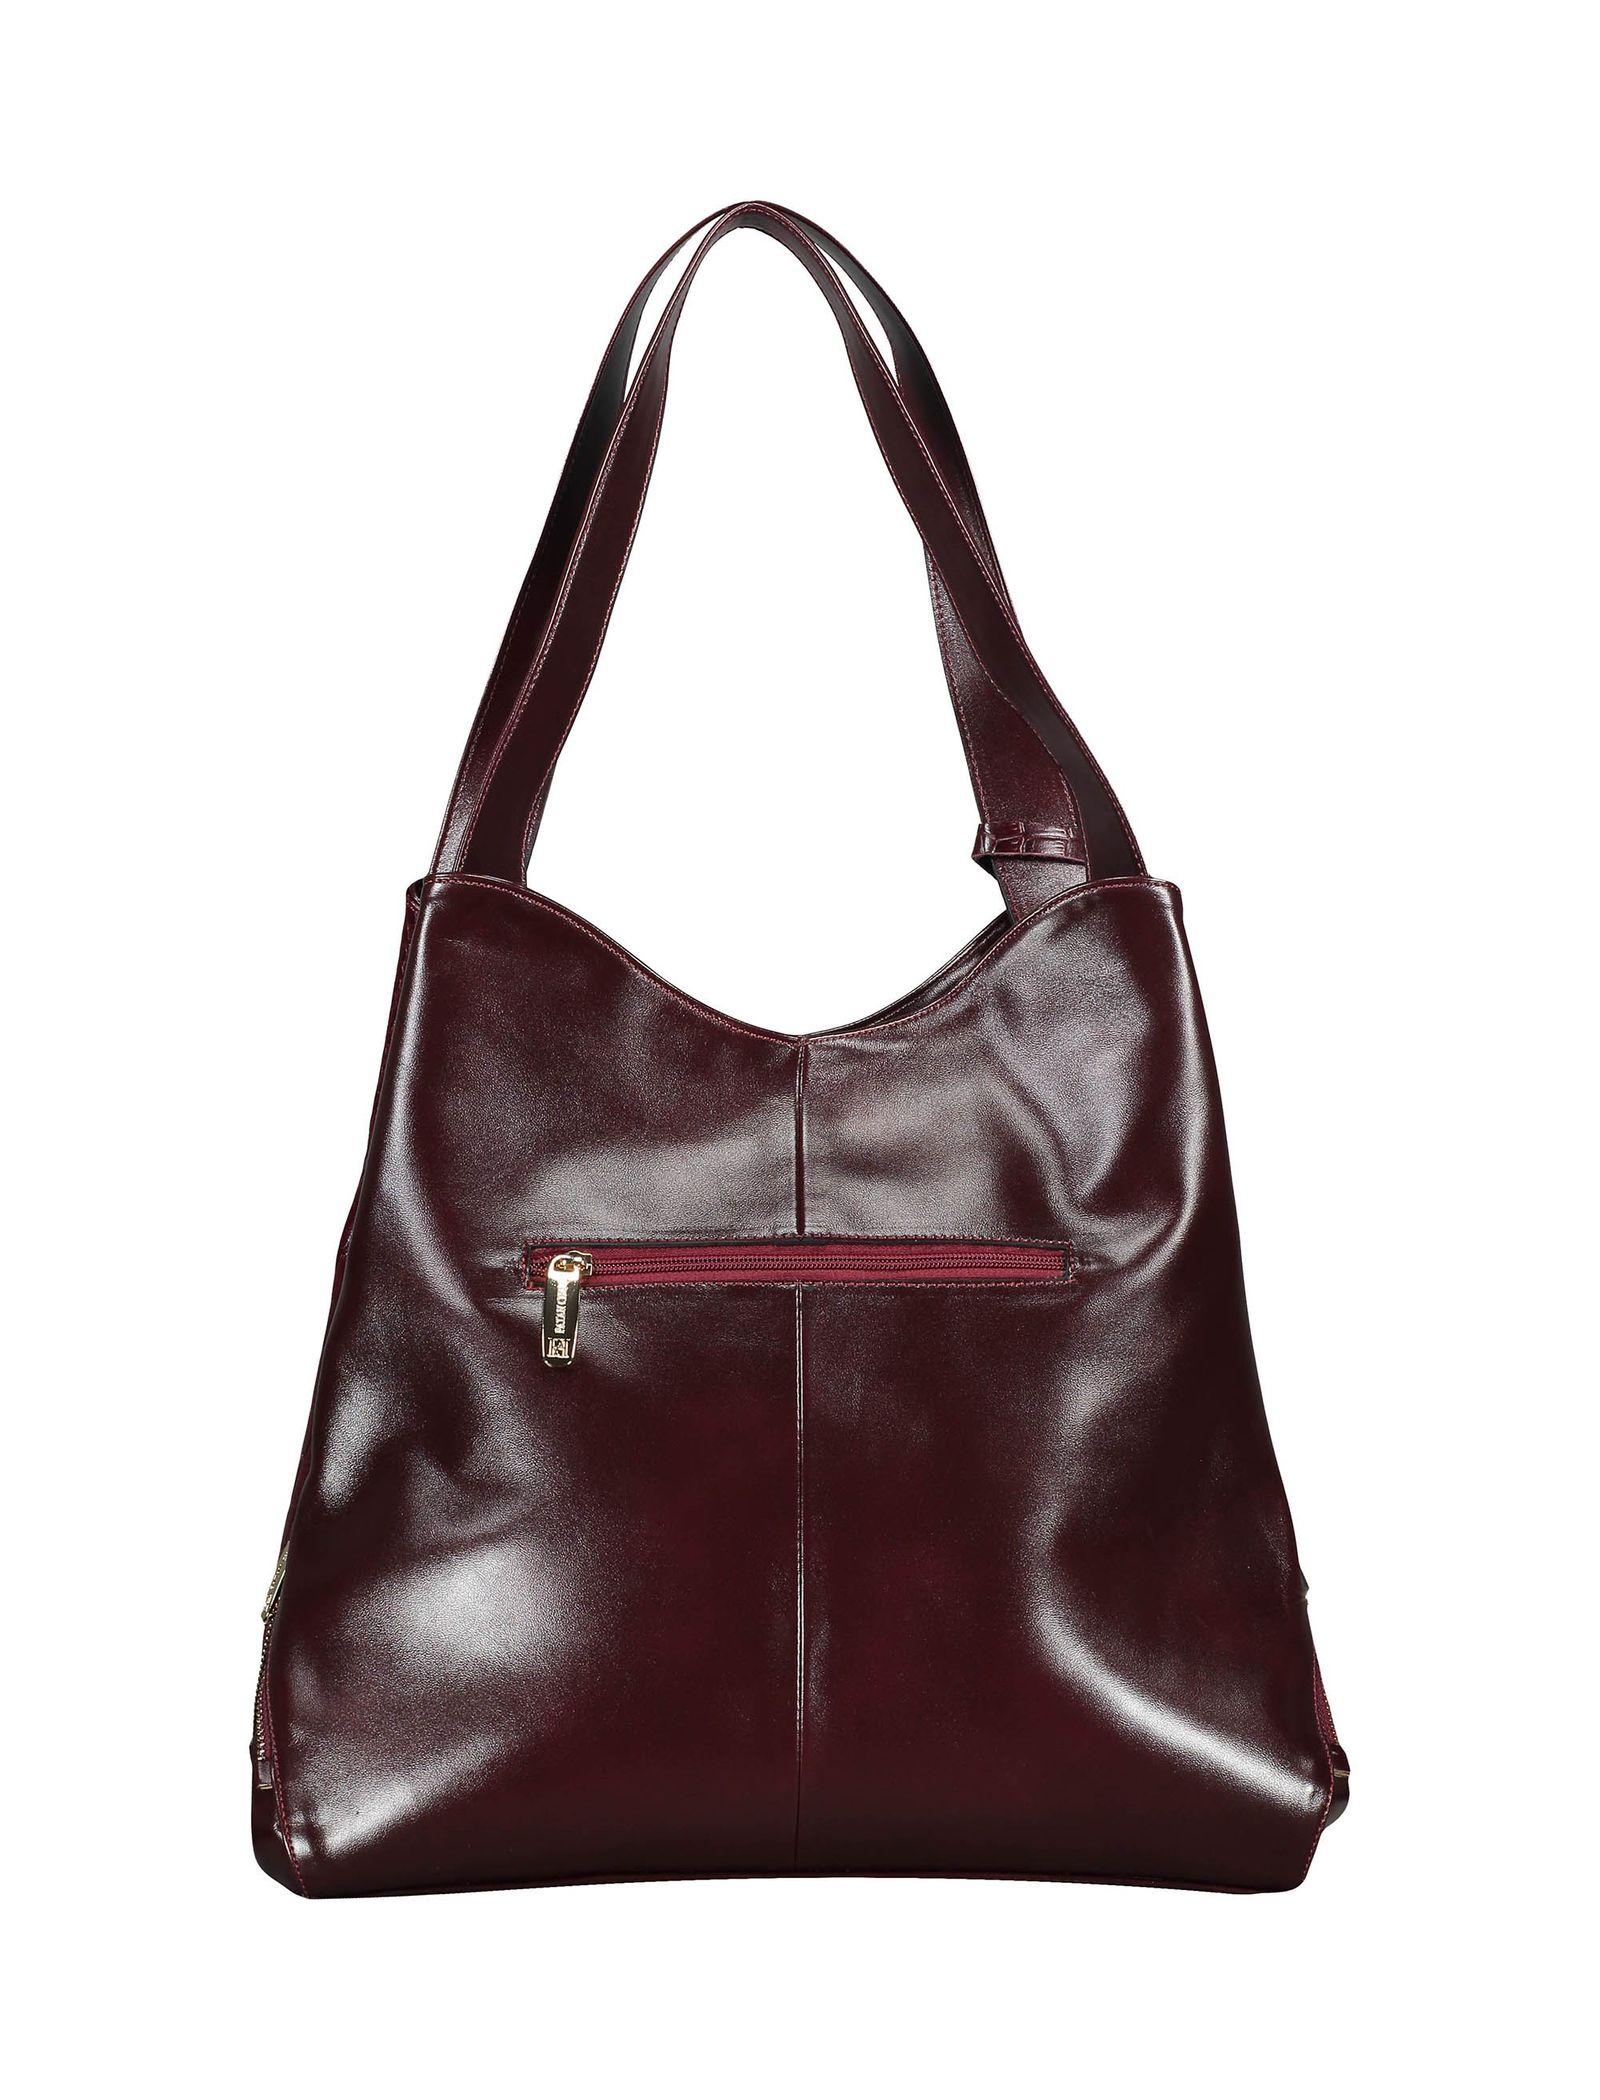 کیف دوشی روزمره زنانه - پاتن چرم - زرشکي سنگي  - 2